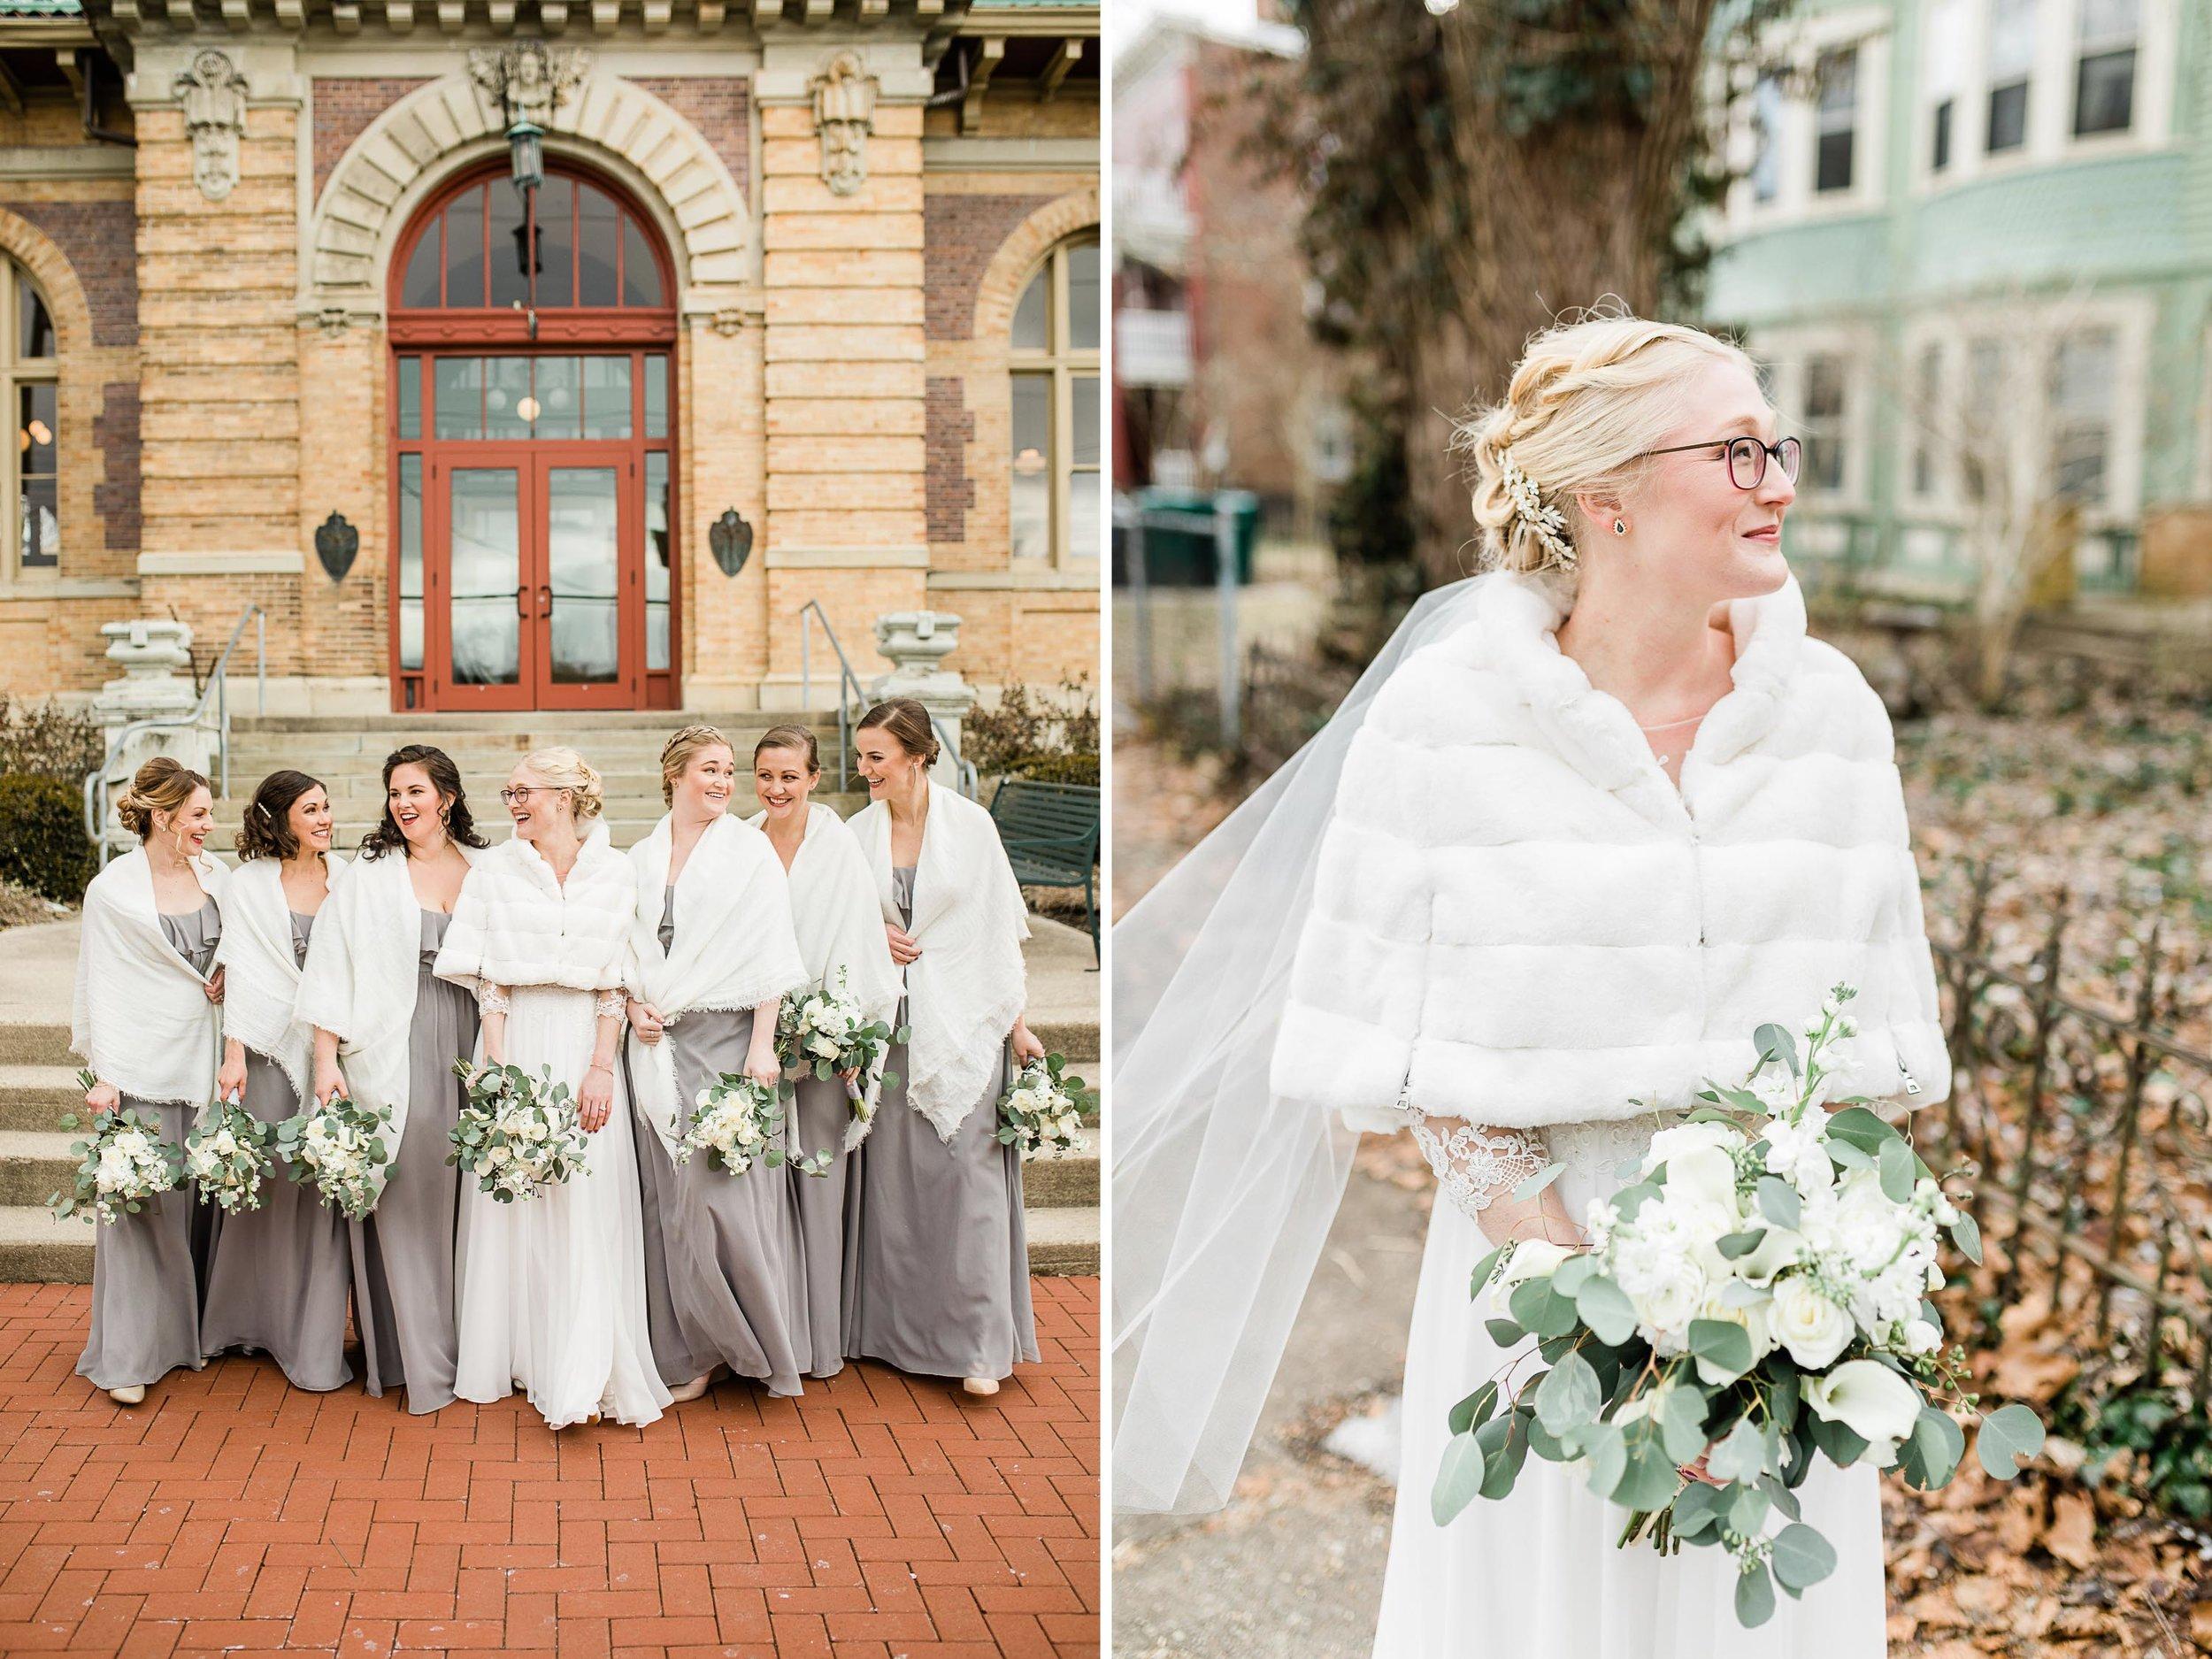 columbia tusculum wedding photography.jpg